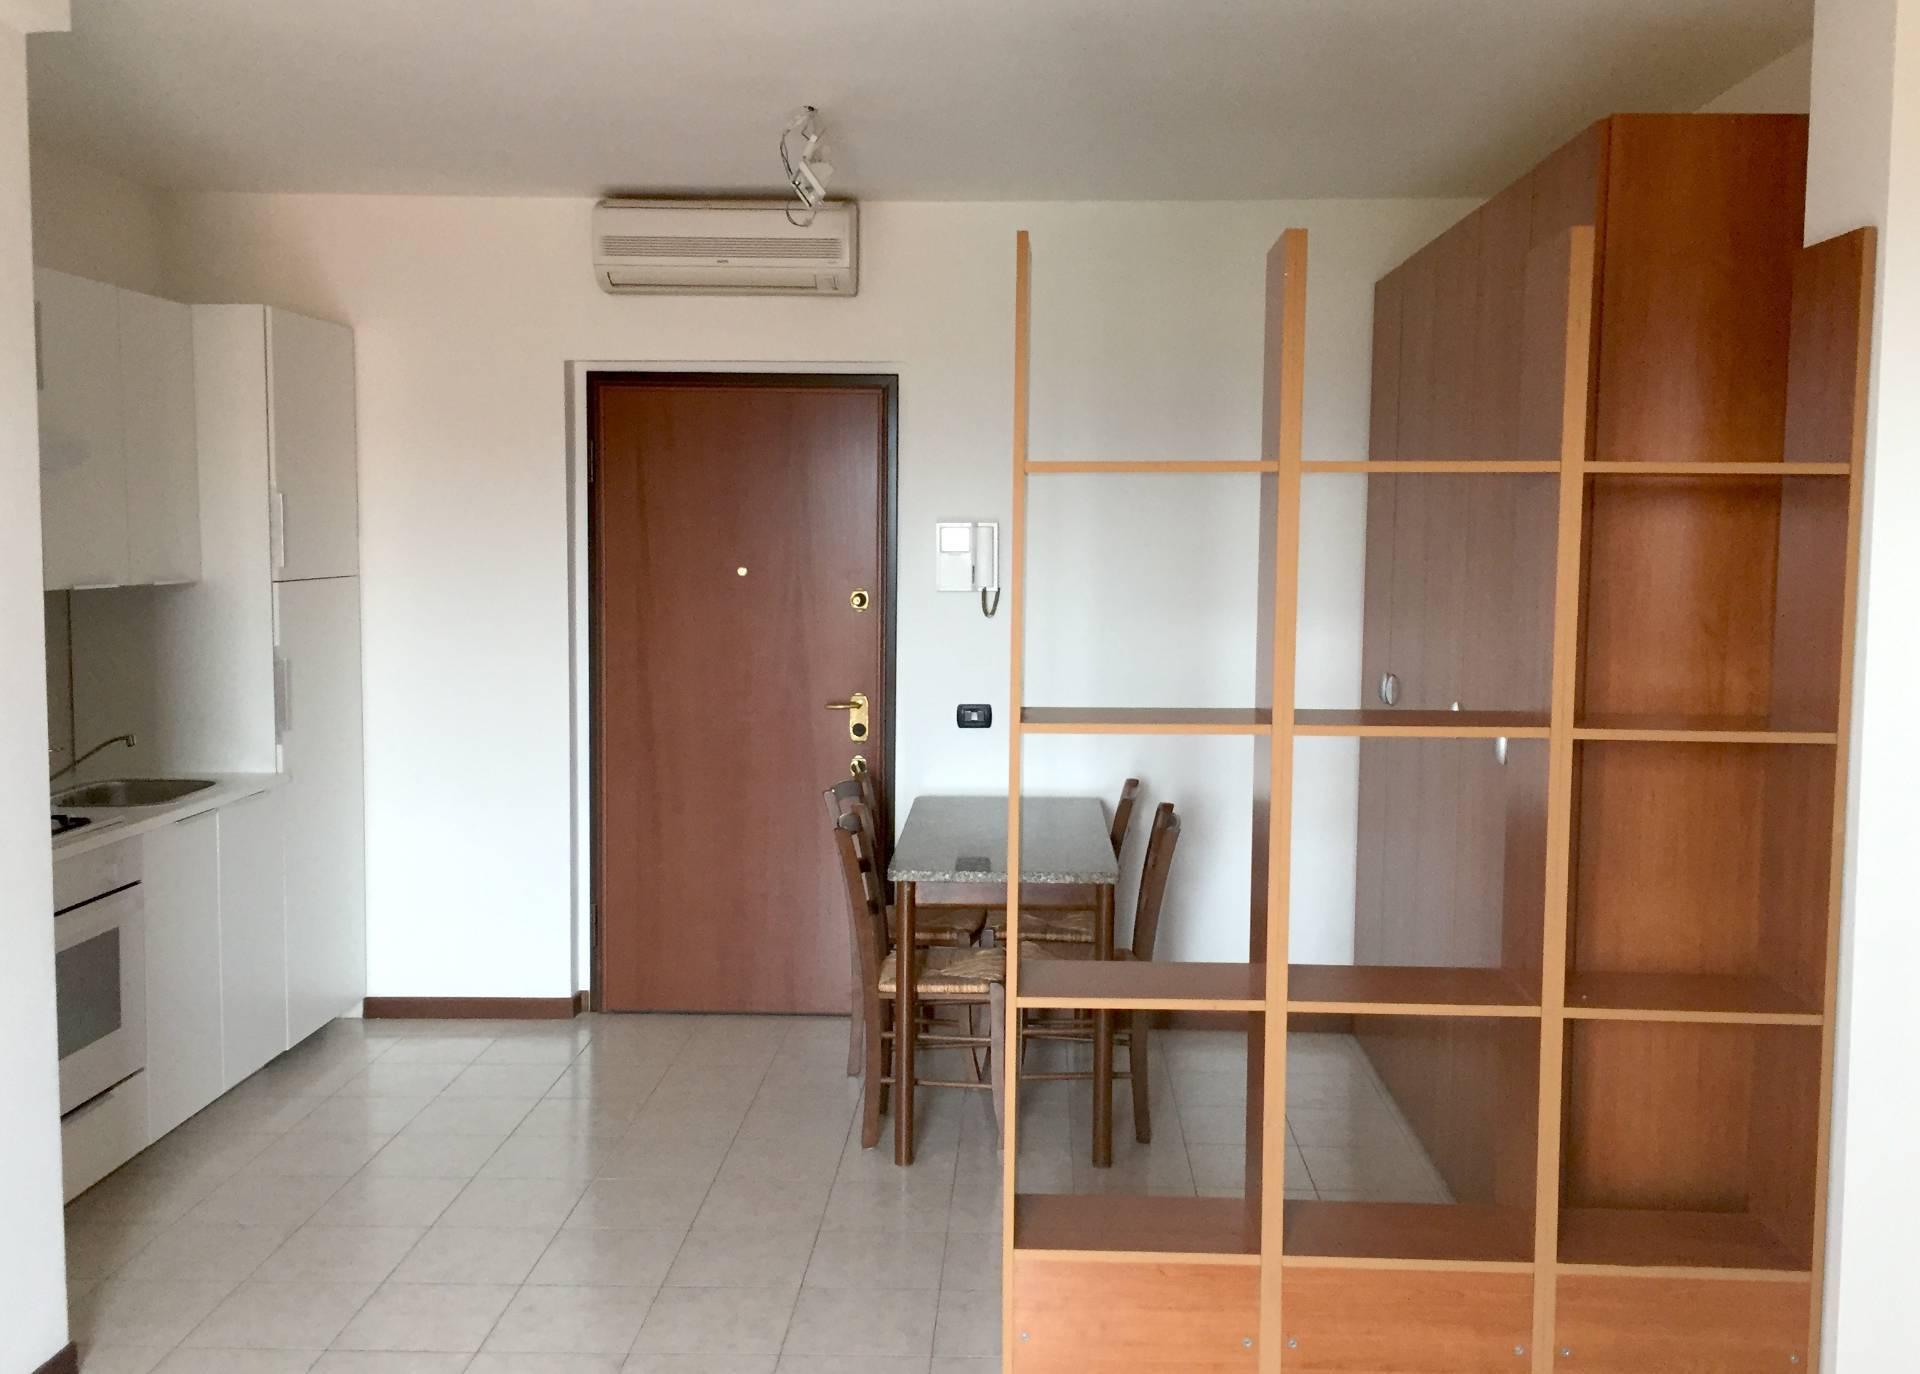 Appartamento in affitto a Roncello, 1 locali, prezzo € 380 | PortaleAgenzieImmobiliari.it